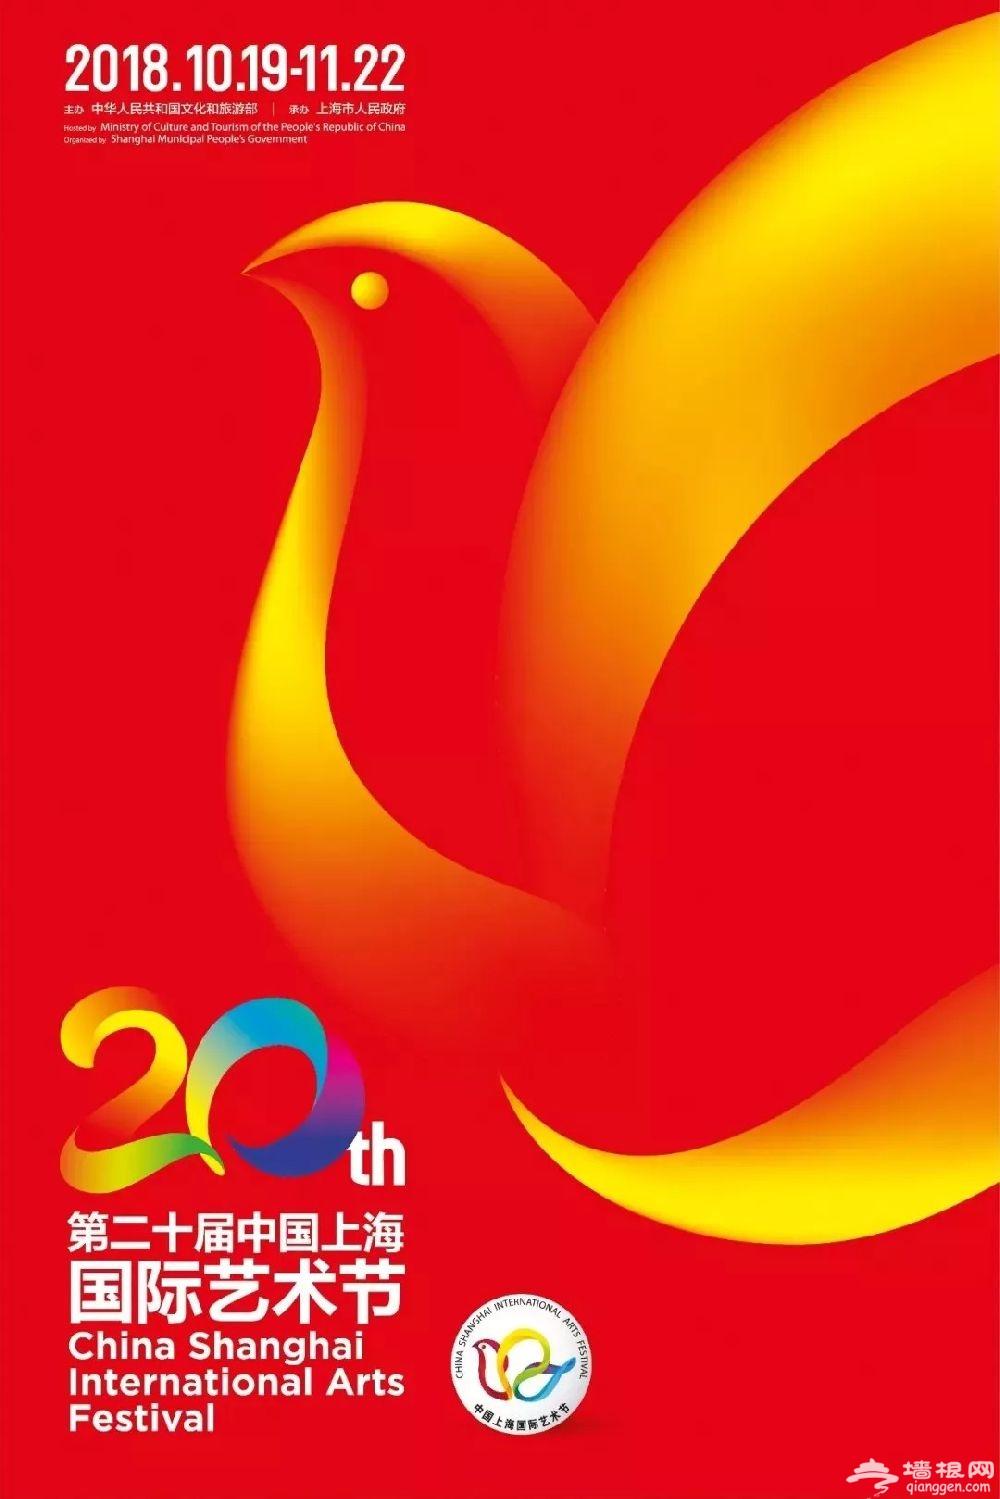 2018上海国际艺术节优惠票购票地址及方式